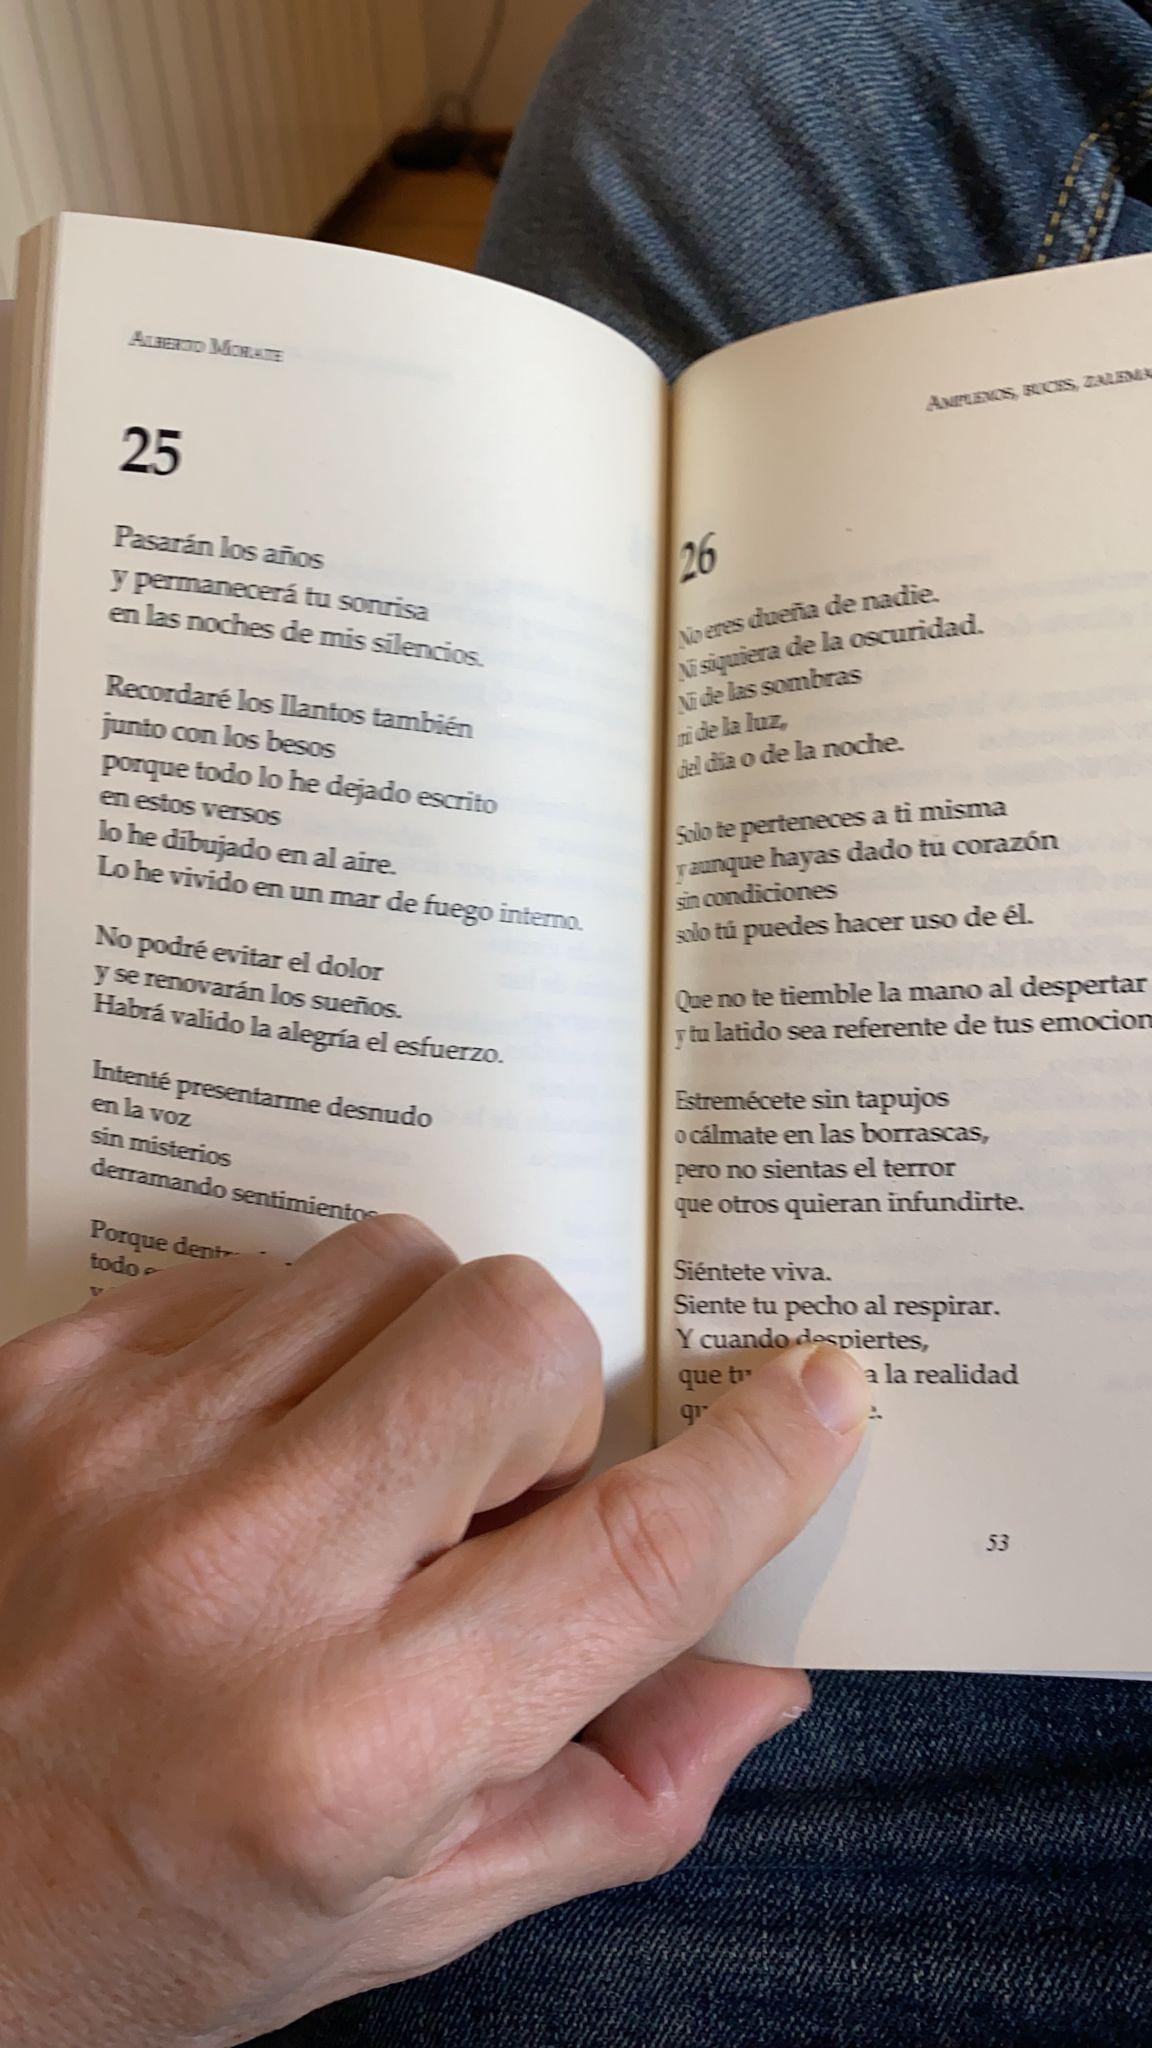 Un libro de poemas abierto